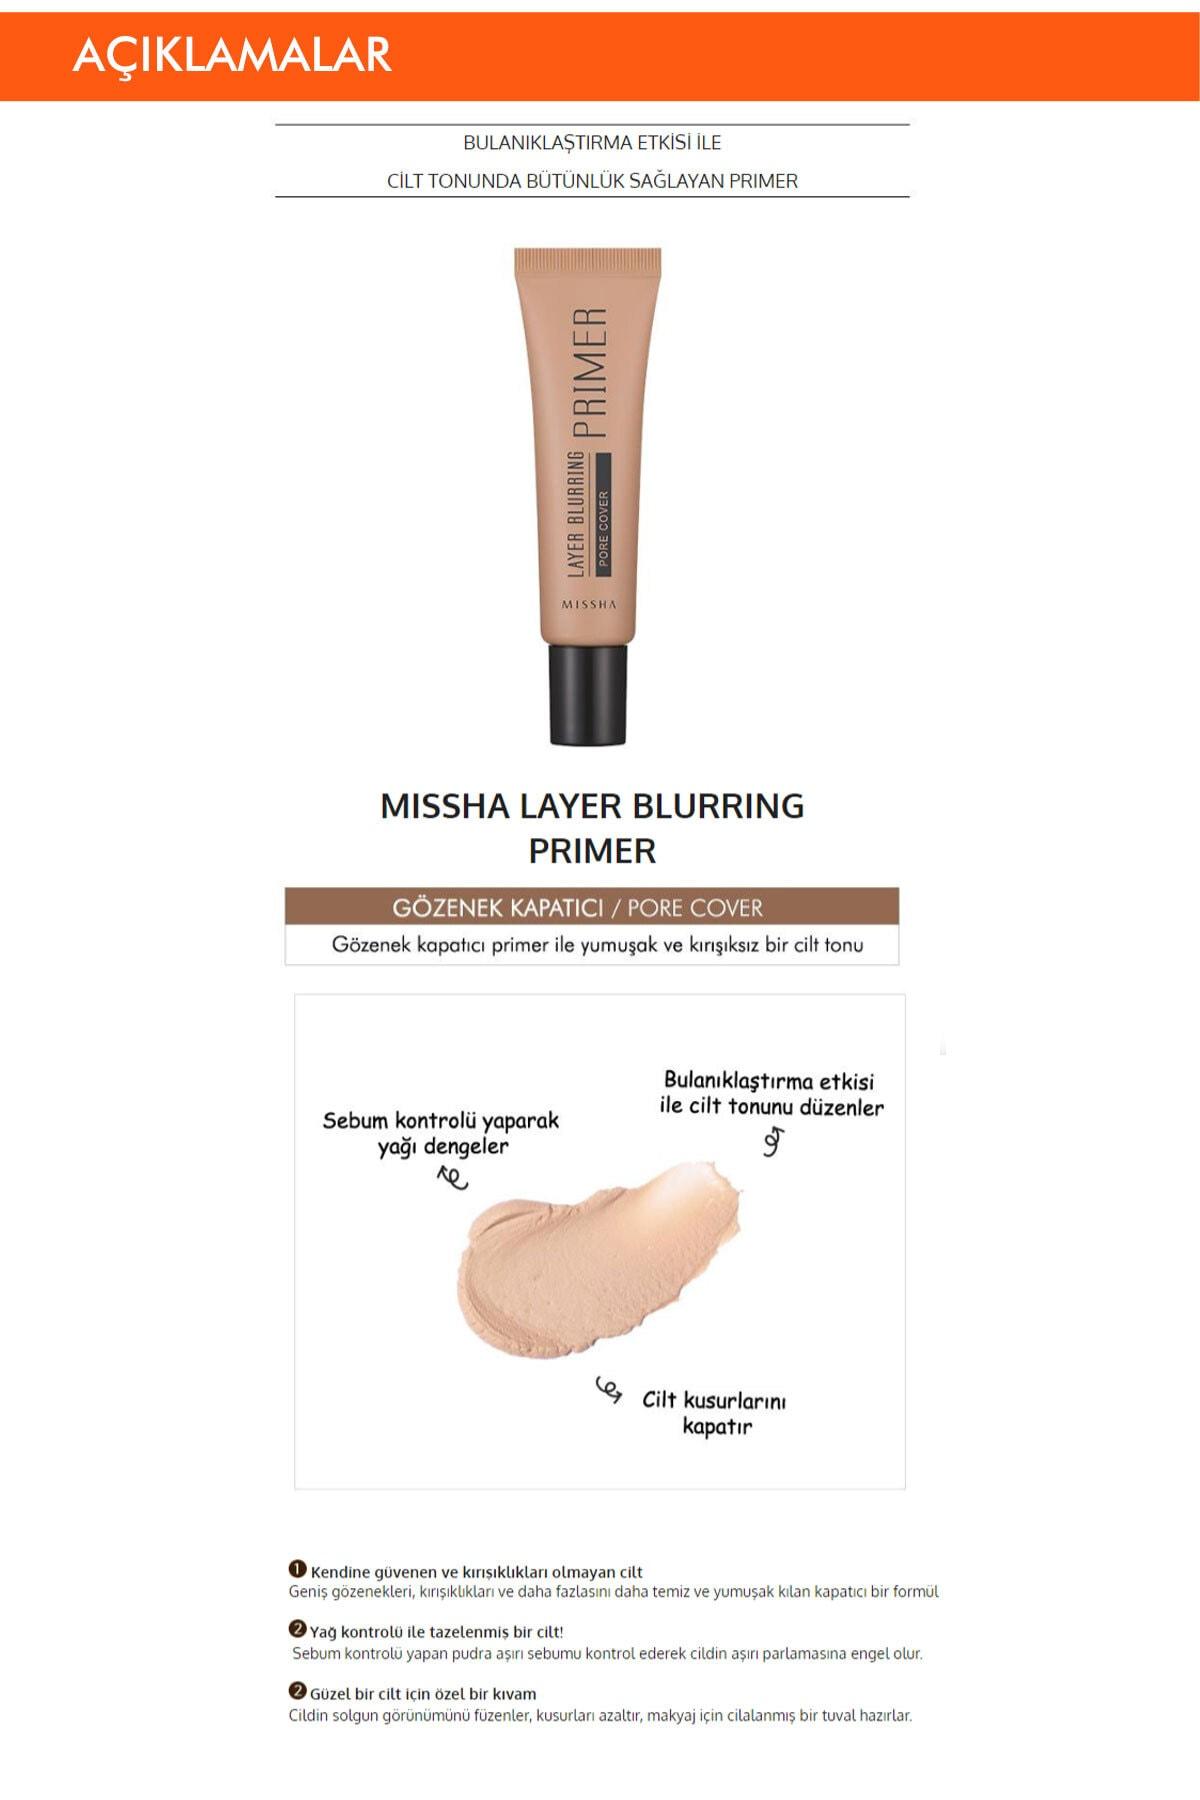 Missha Gözenek Kapatıcı Pürüzsüzleştirici Makyaj Bazı 20ml Layer Blurring Primer (Pore Cover) 1